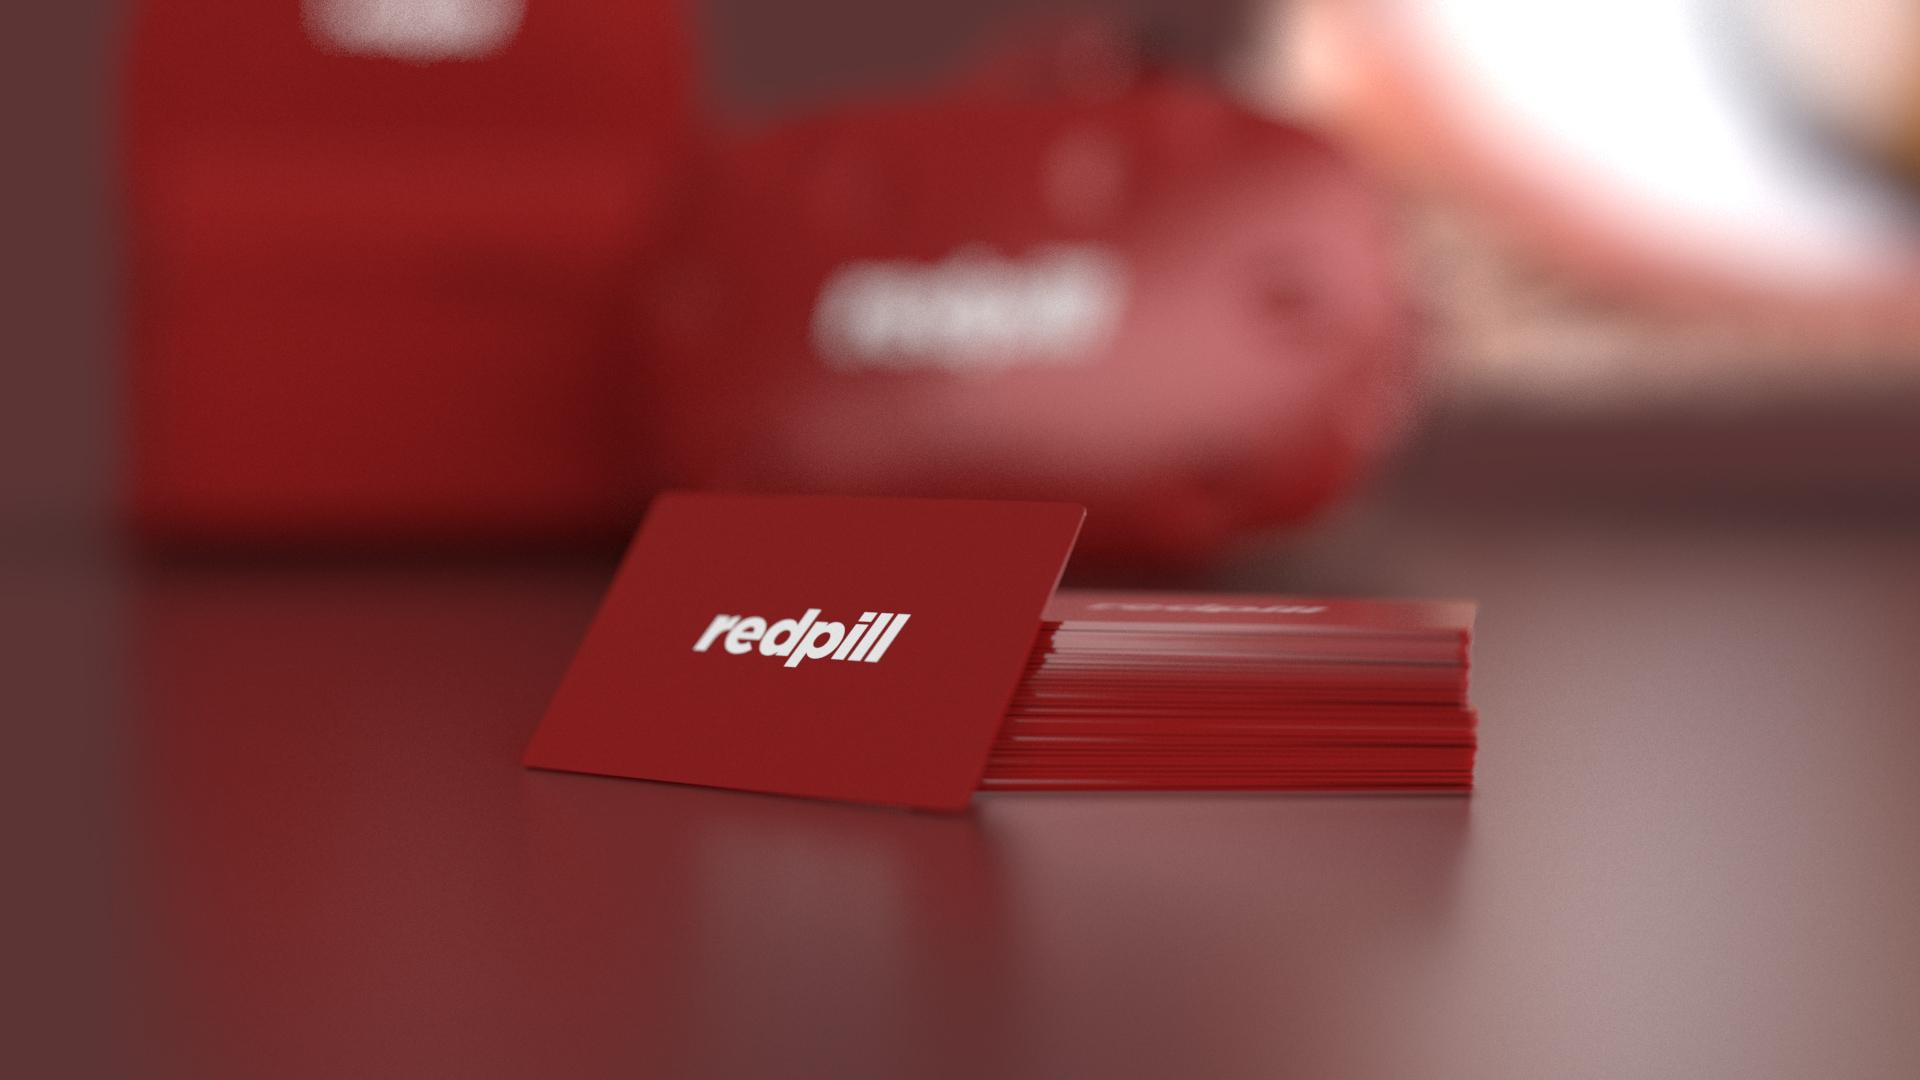 redpill_3d_assets_CU-snapshot.jpg